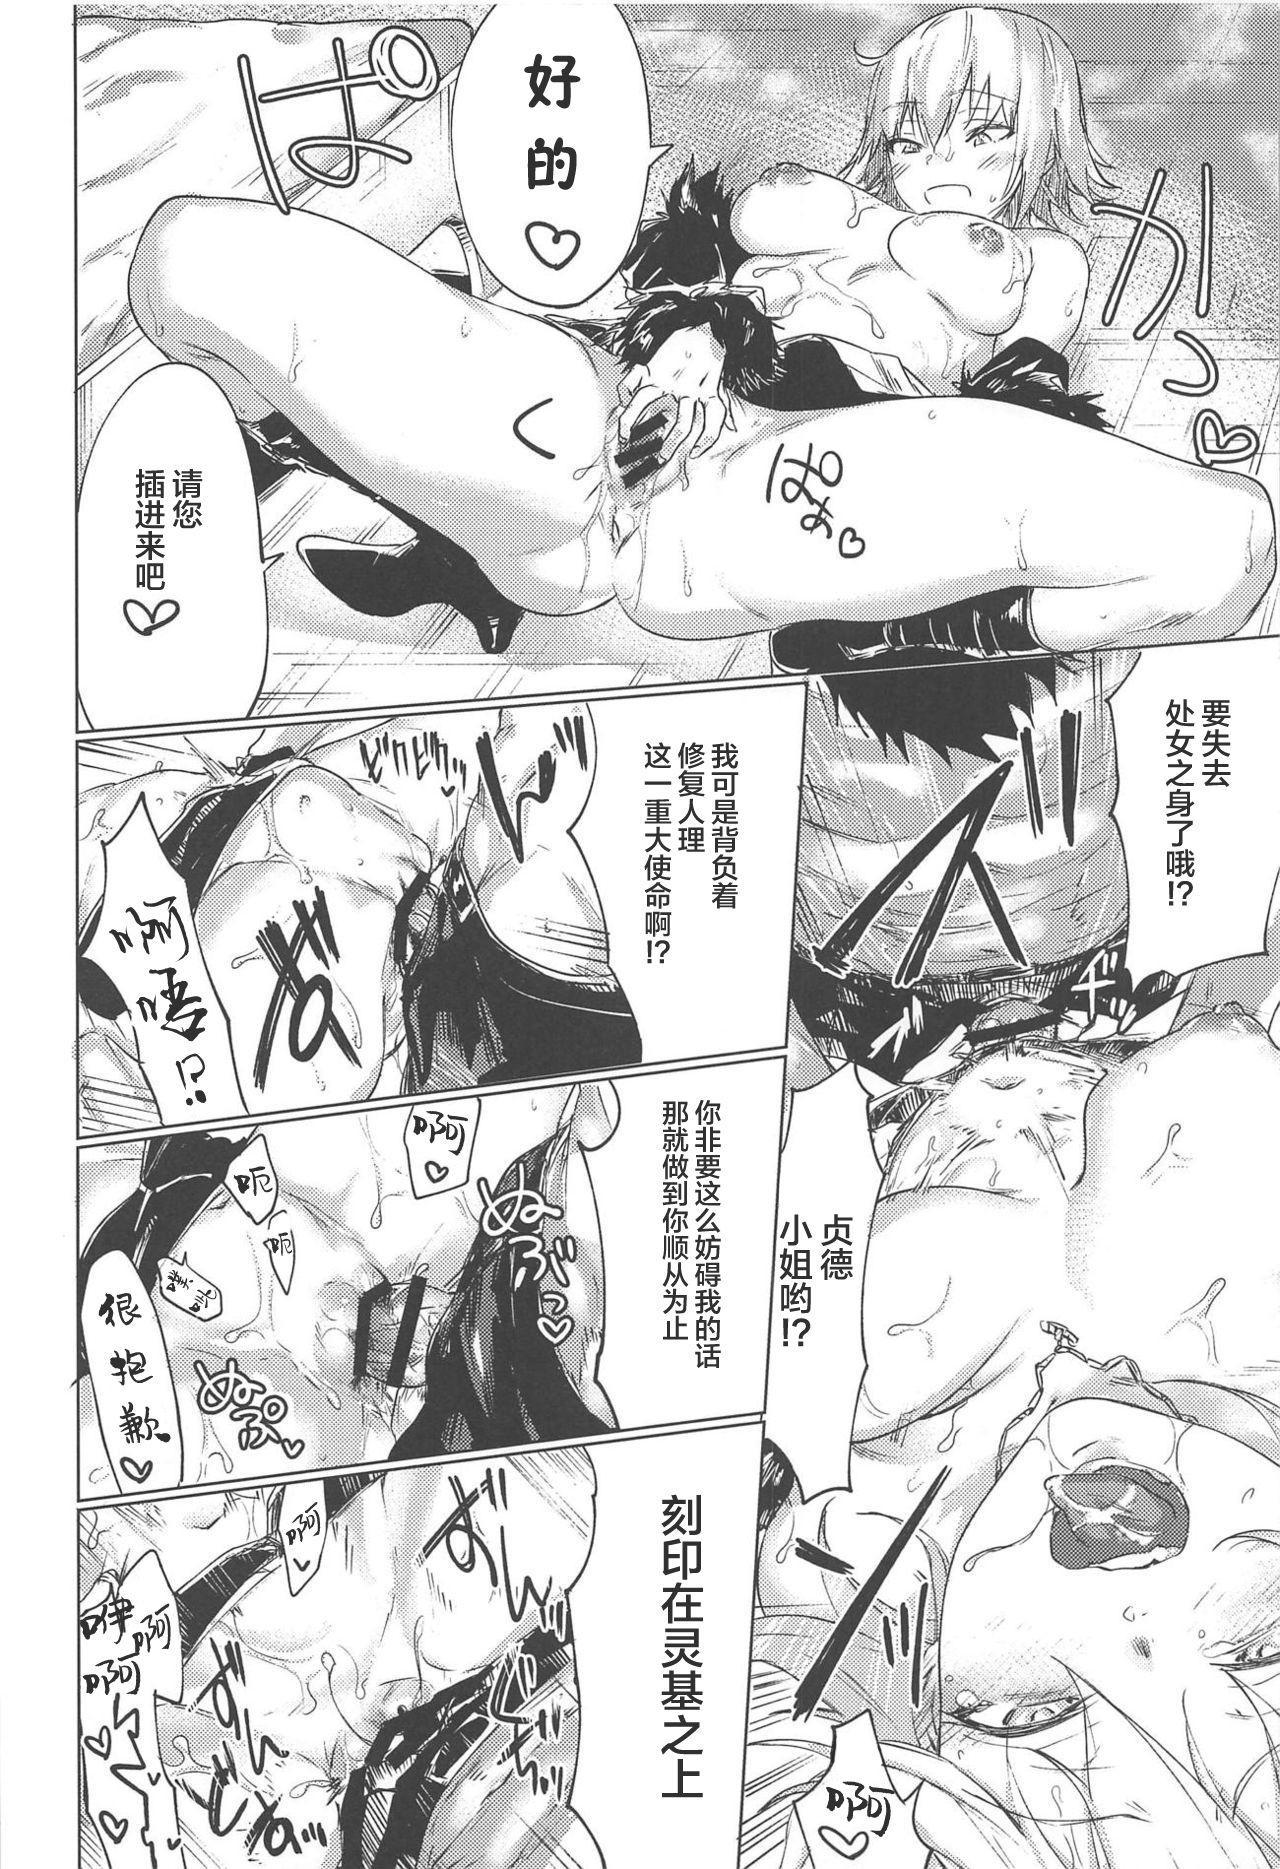 Iikagen ni Shite Kure!! Alter-san 5